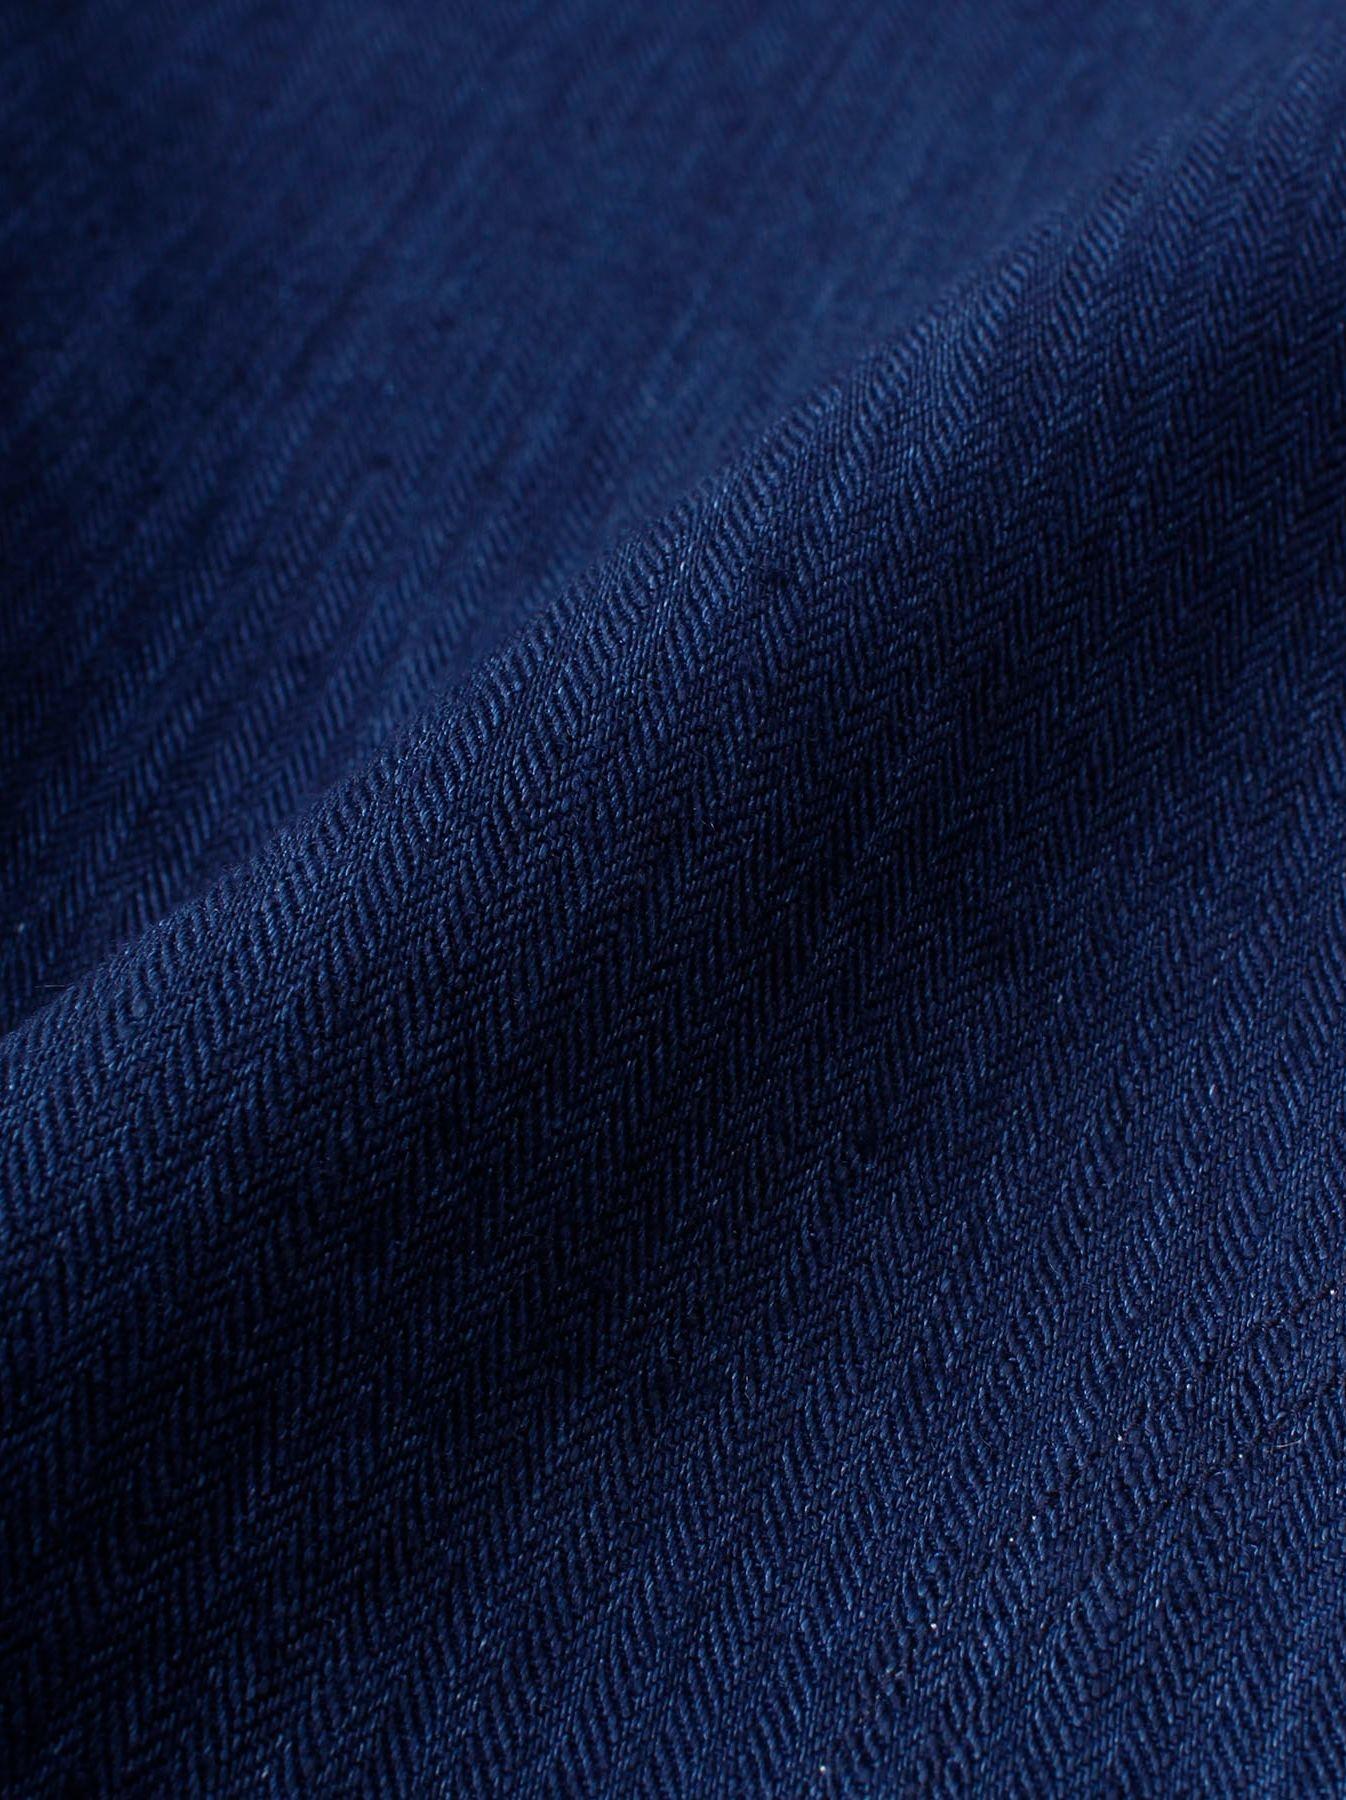 WH Indigo Linen UMA3-10